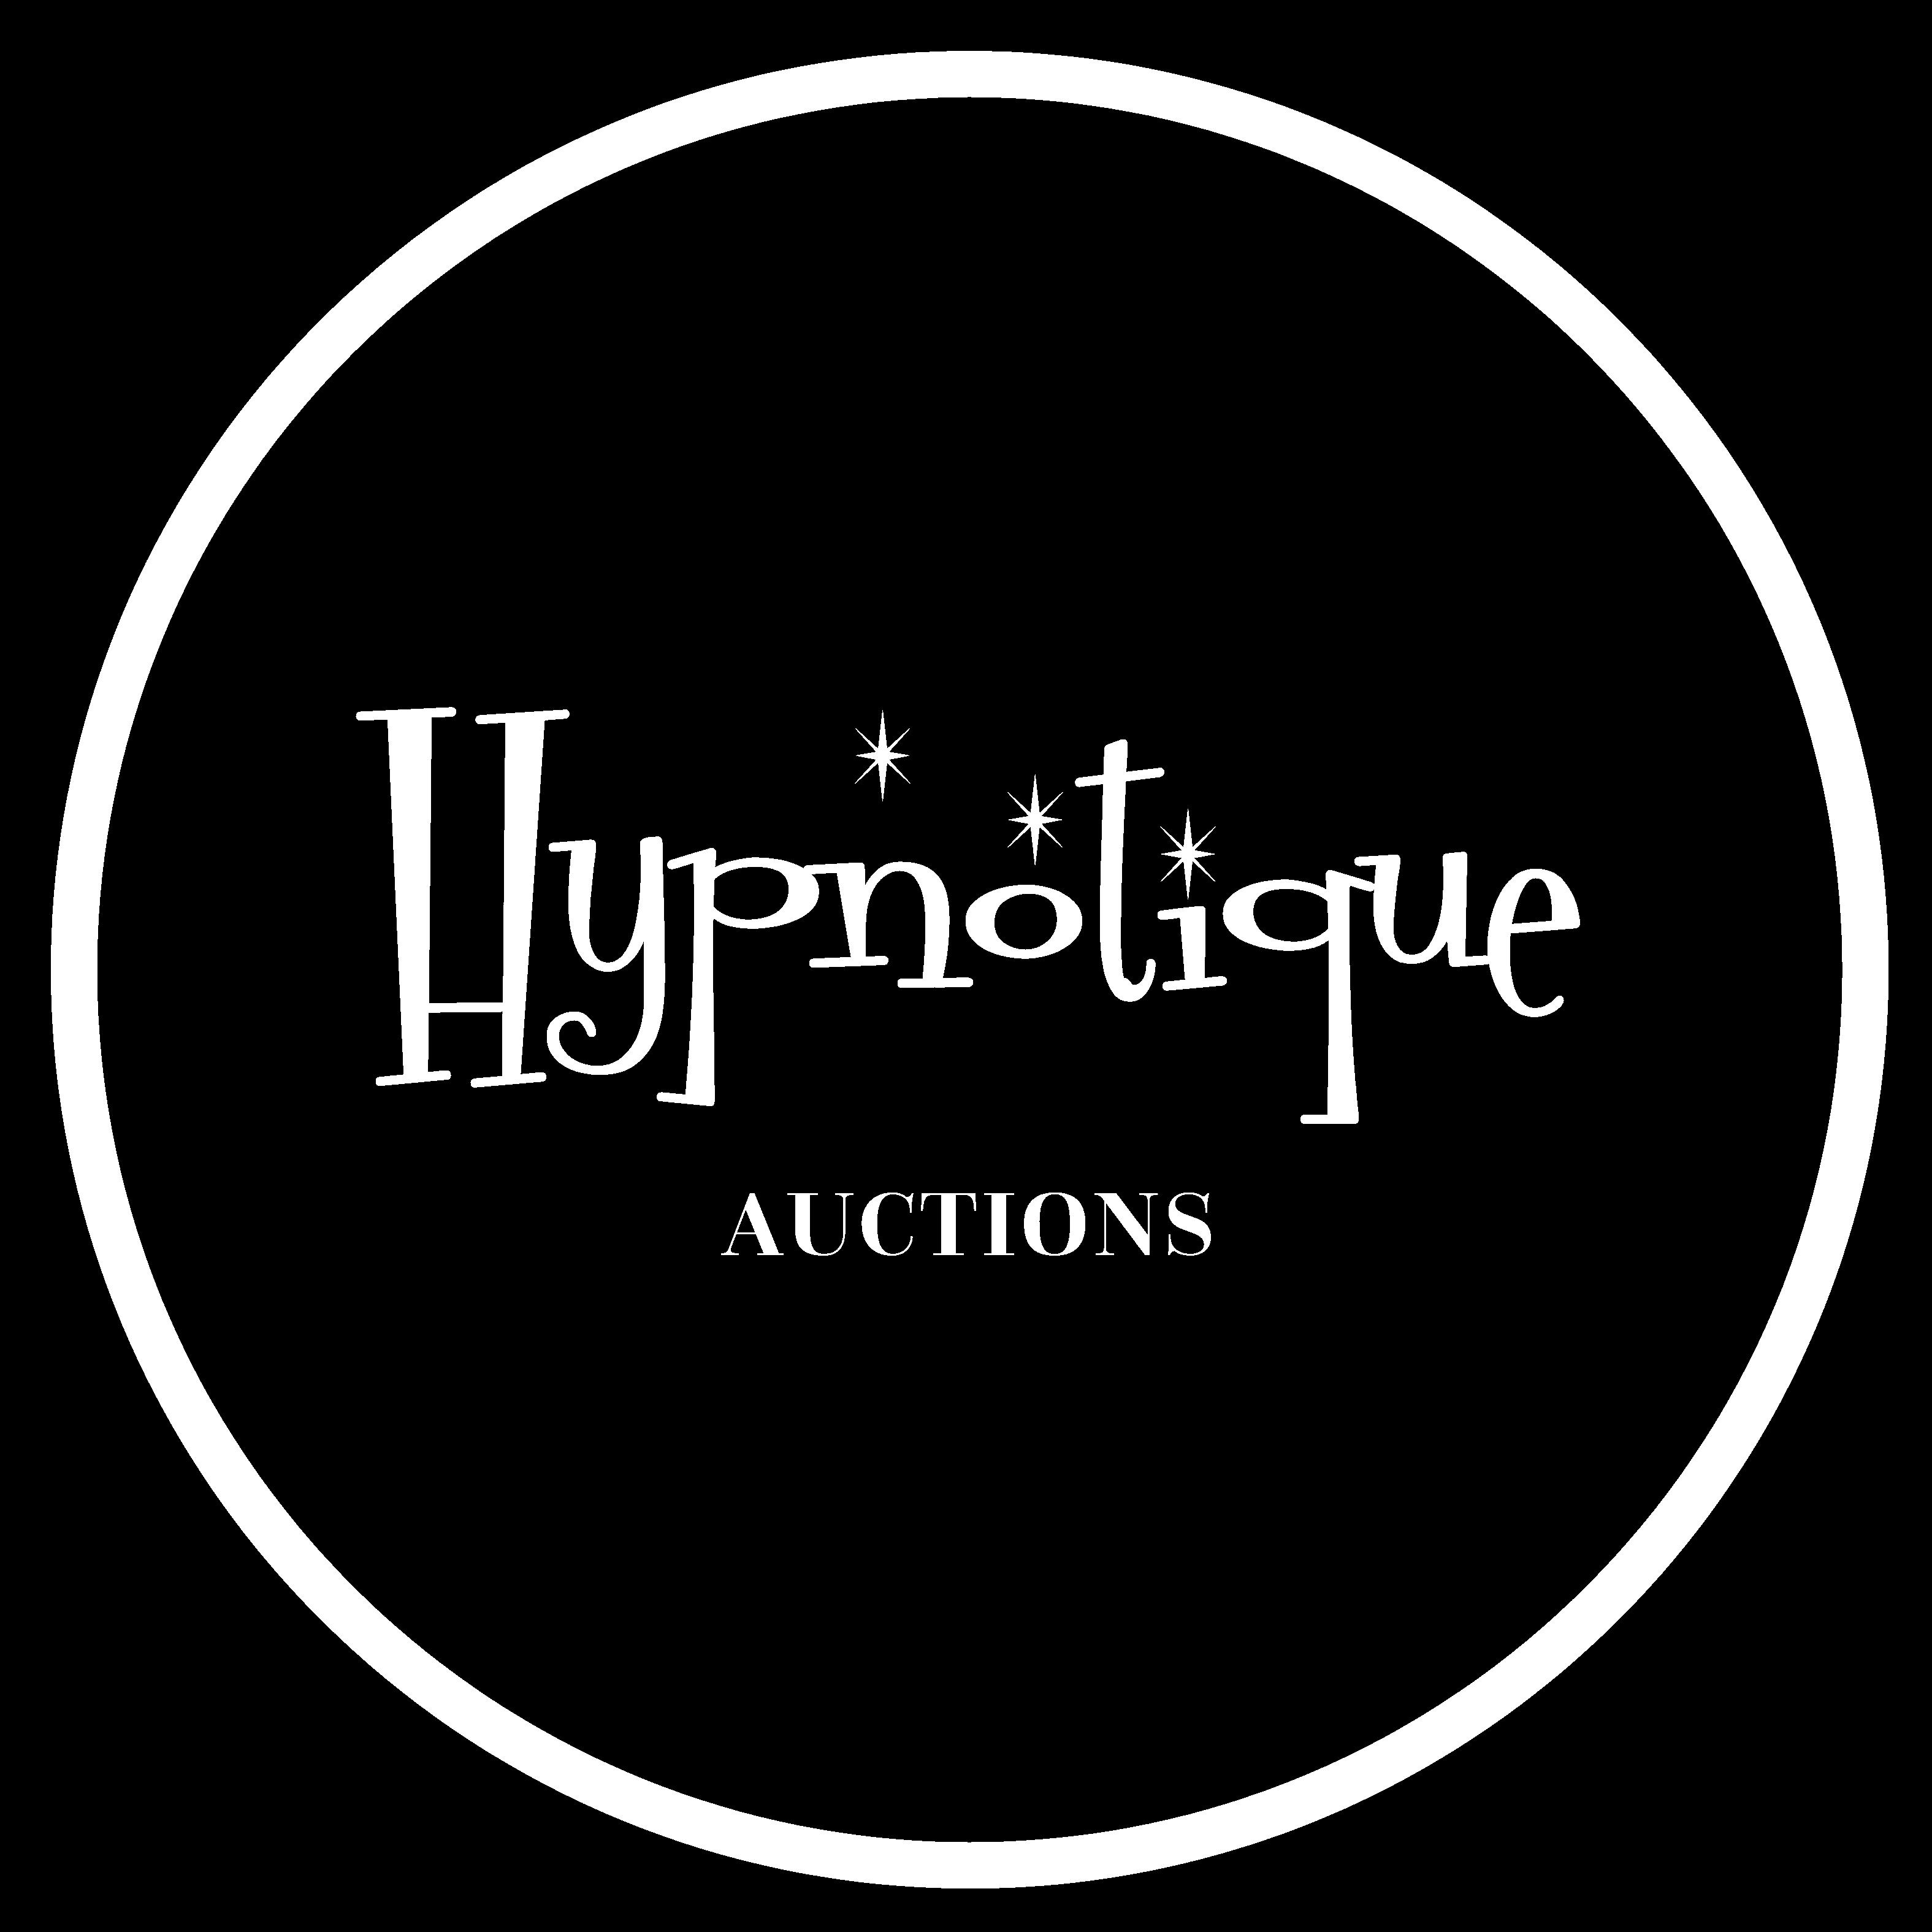 Hypnotique Auctions